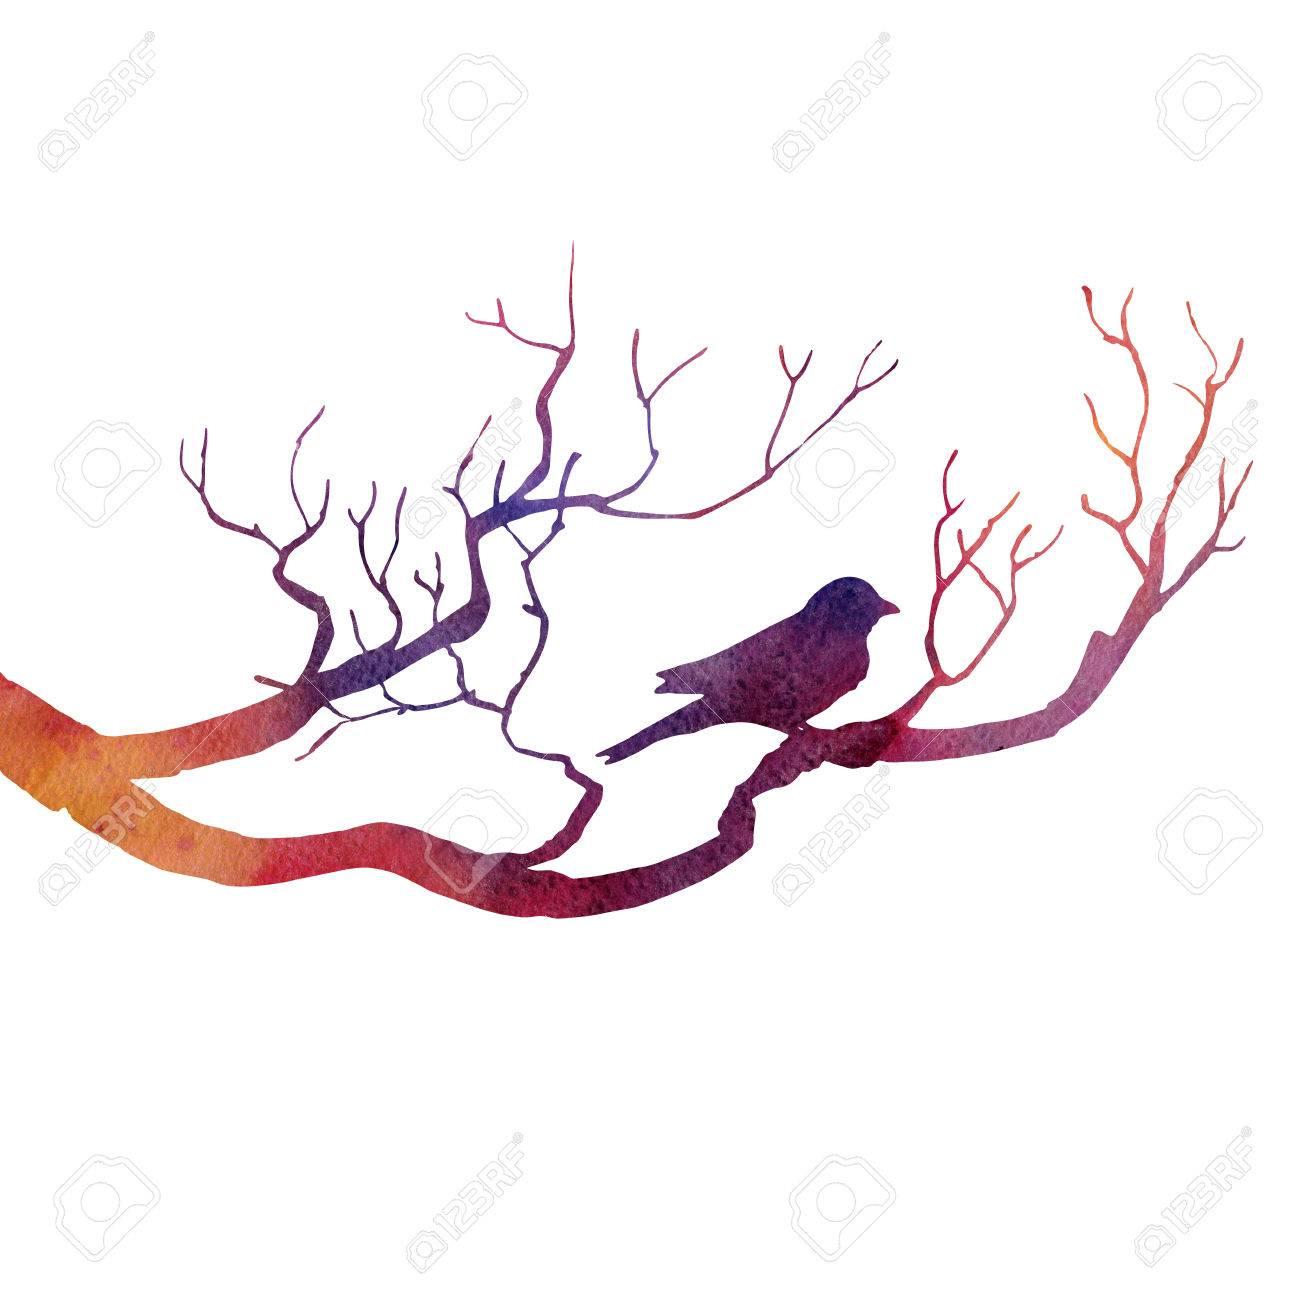 Silhouette D Oiseau Au Dessin De L Arbre Par L Aquarelle La Main